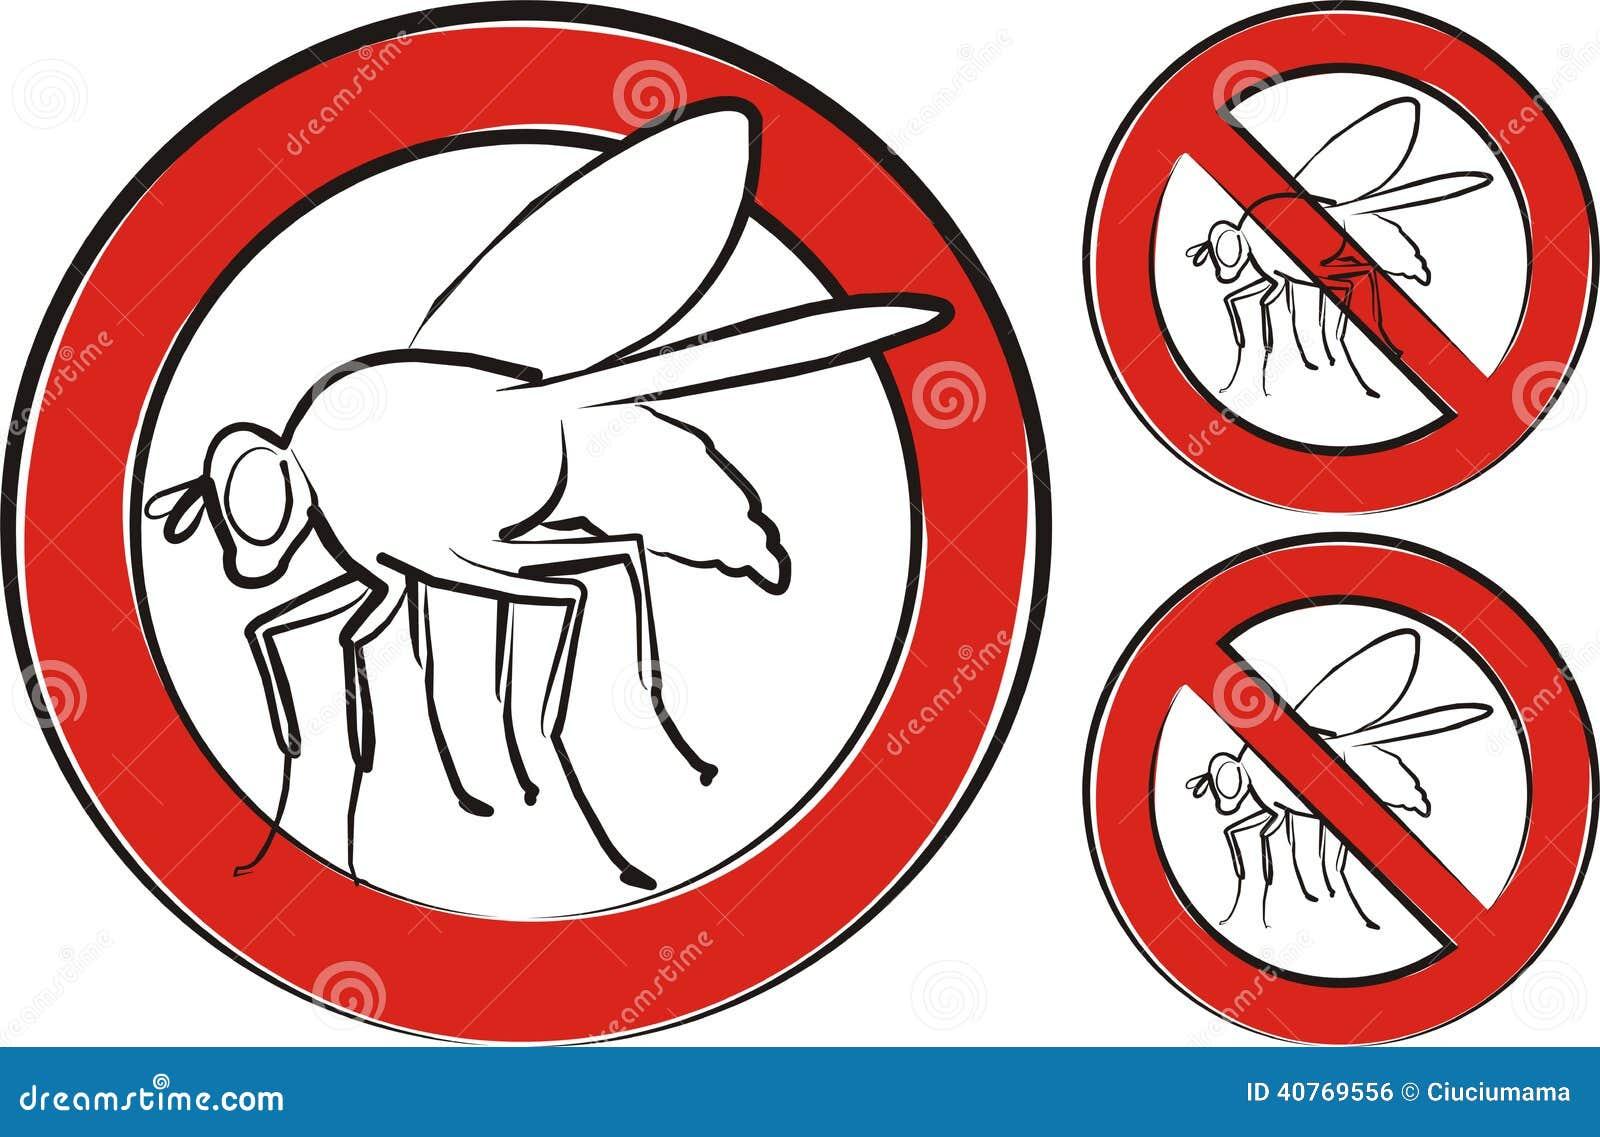 mouche domestique panneau d 39 avertissement illustration stock image 40769556. Black Bedroom Furniture Sets. Home Design Ideas